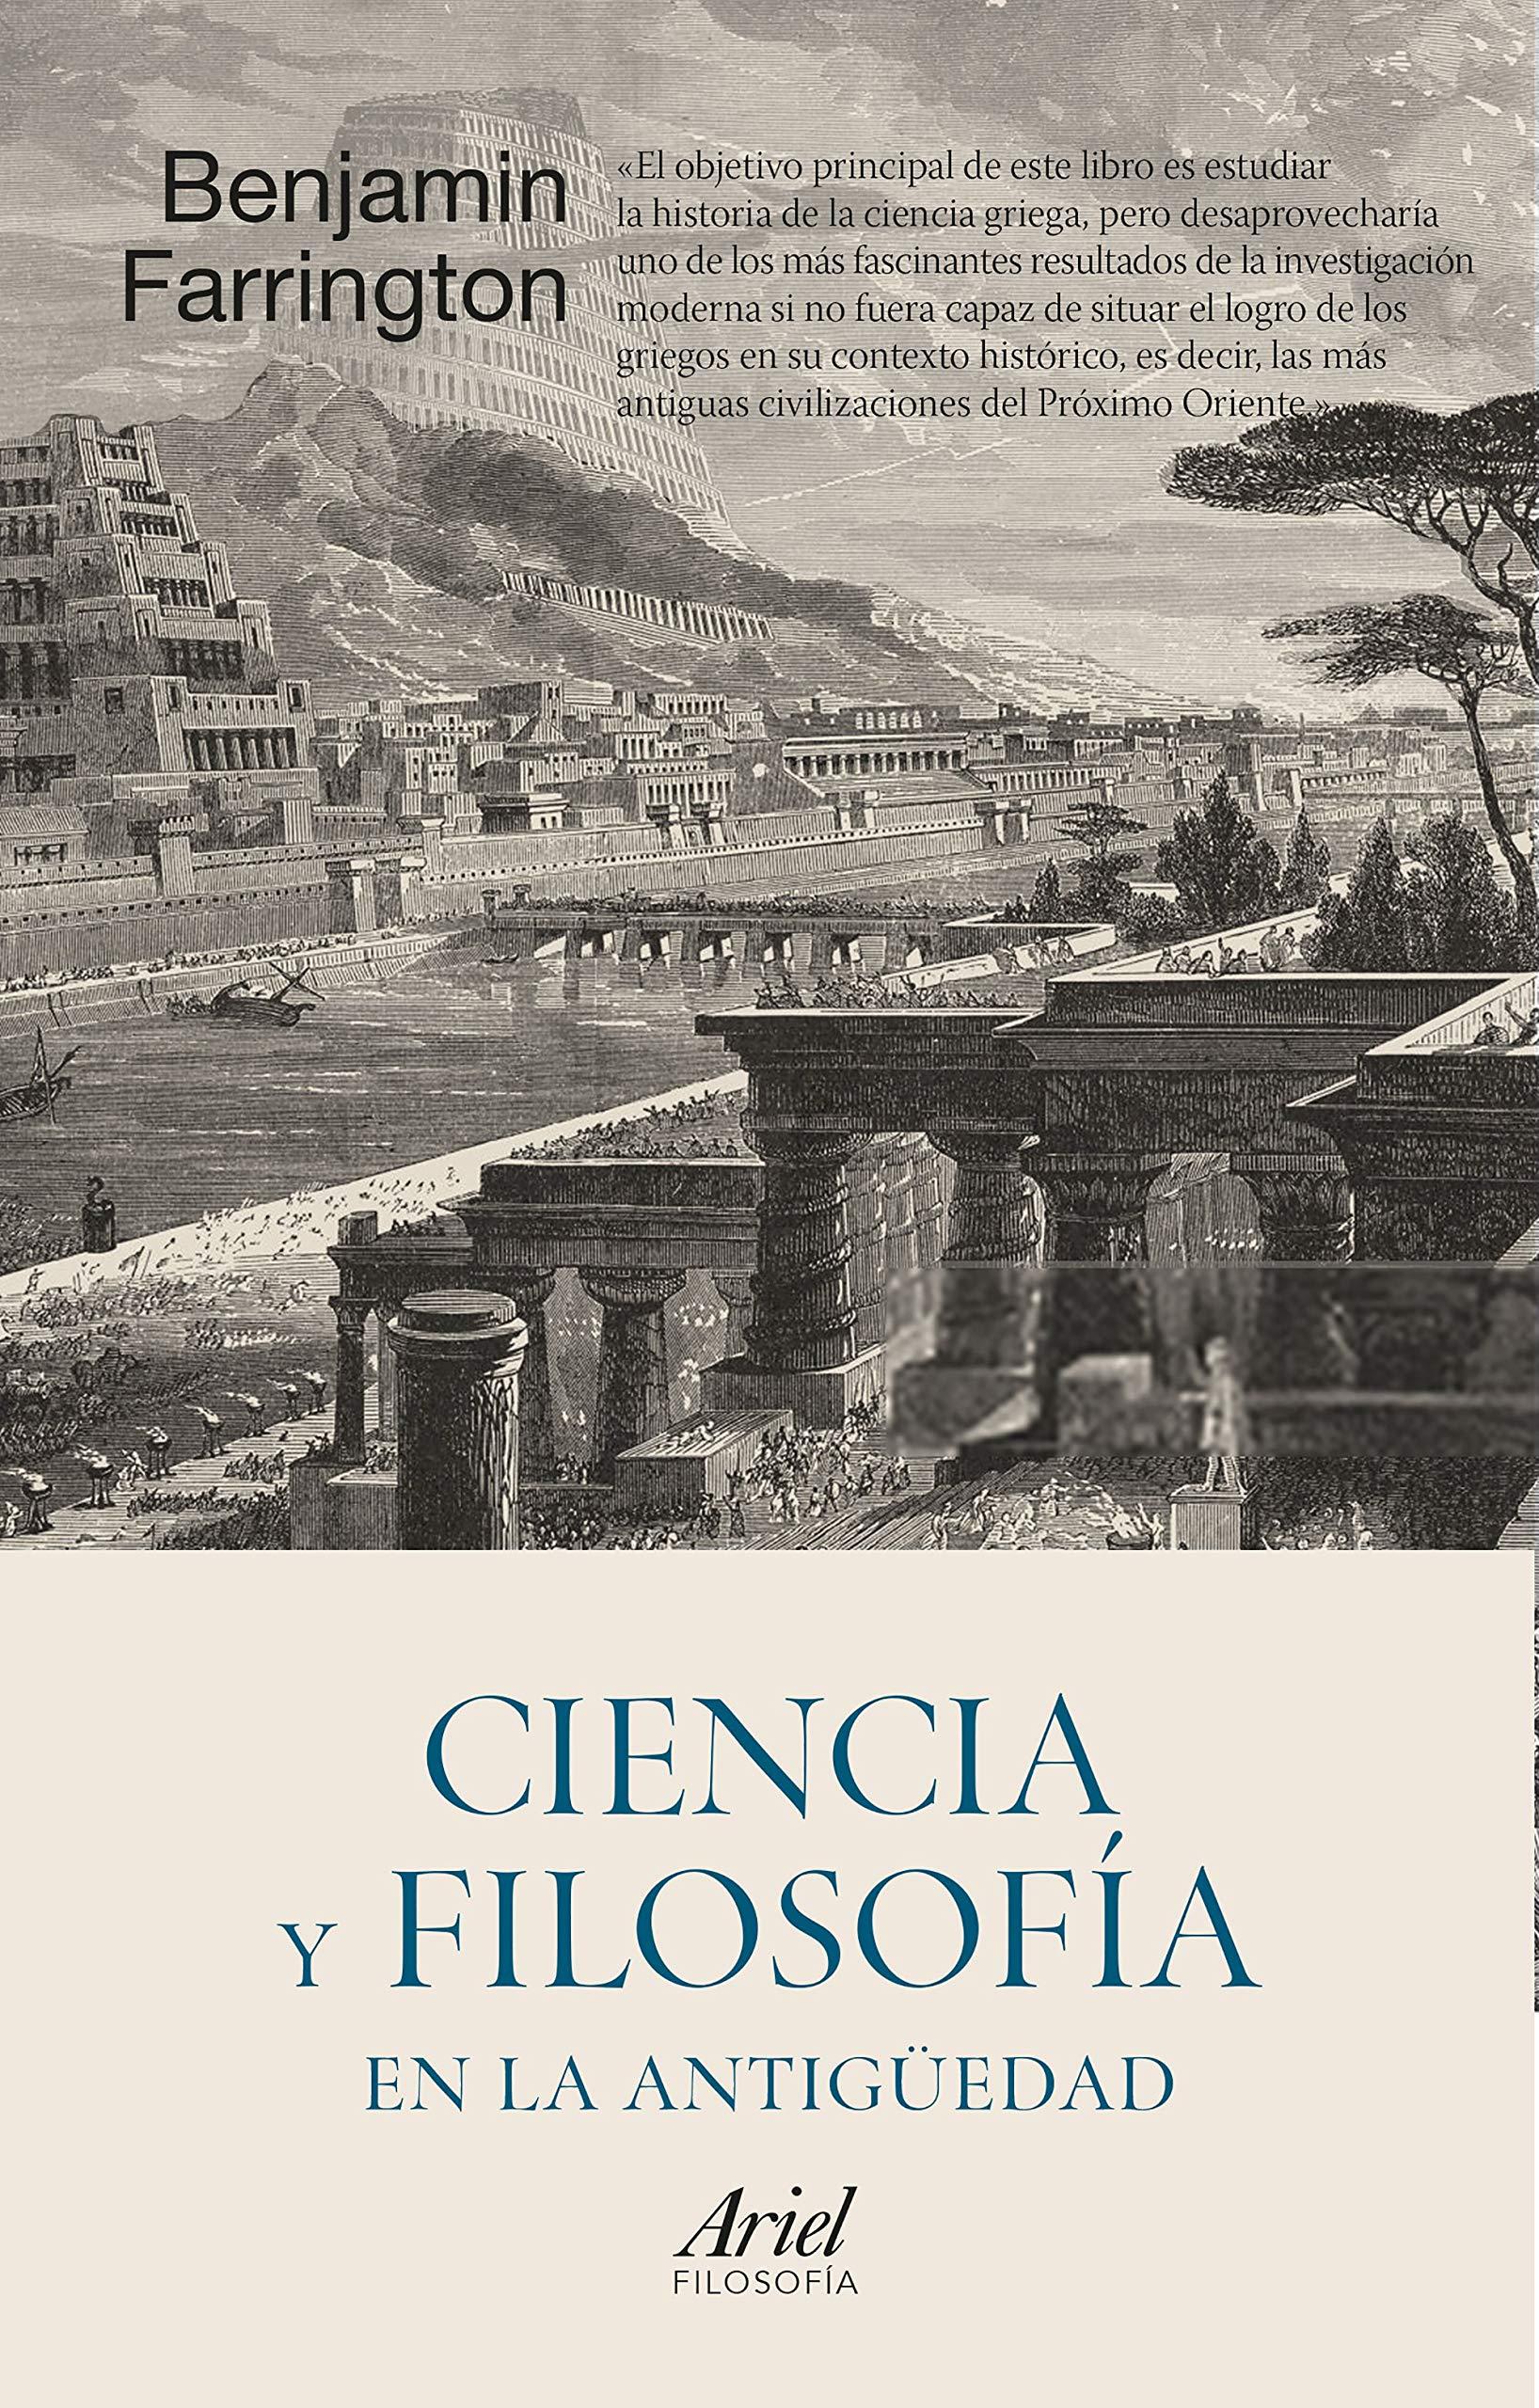 Ciencia y filosofía en la Antigüedad: Prólogo de José Ignacio Latorre Ariel: Amazon.es: Farrington, Benjamin, Marset, P., Ramos, E.: Libros